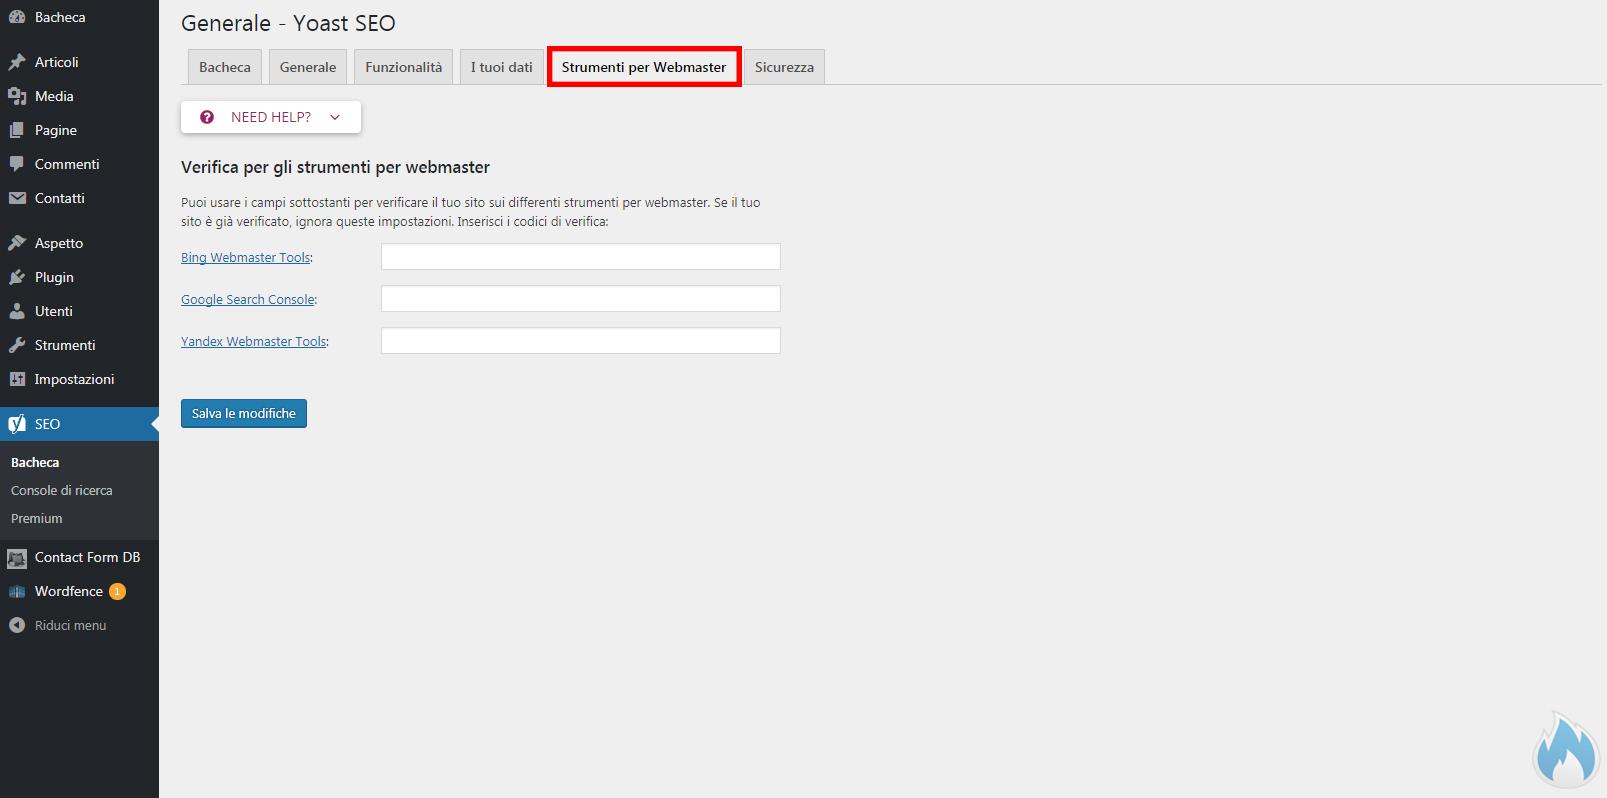 SEO Yoast Guida Completa Strumenti per Webmaster